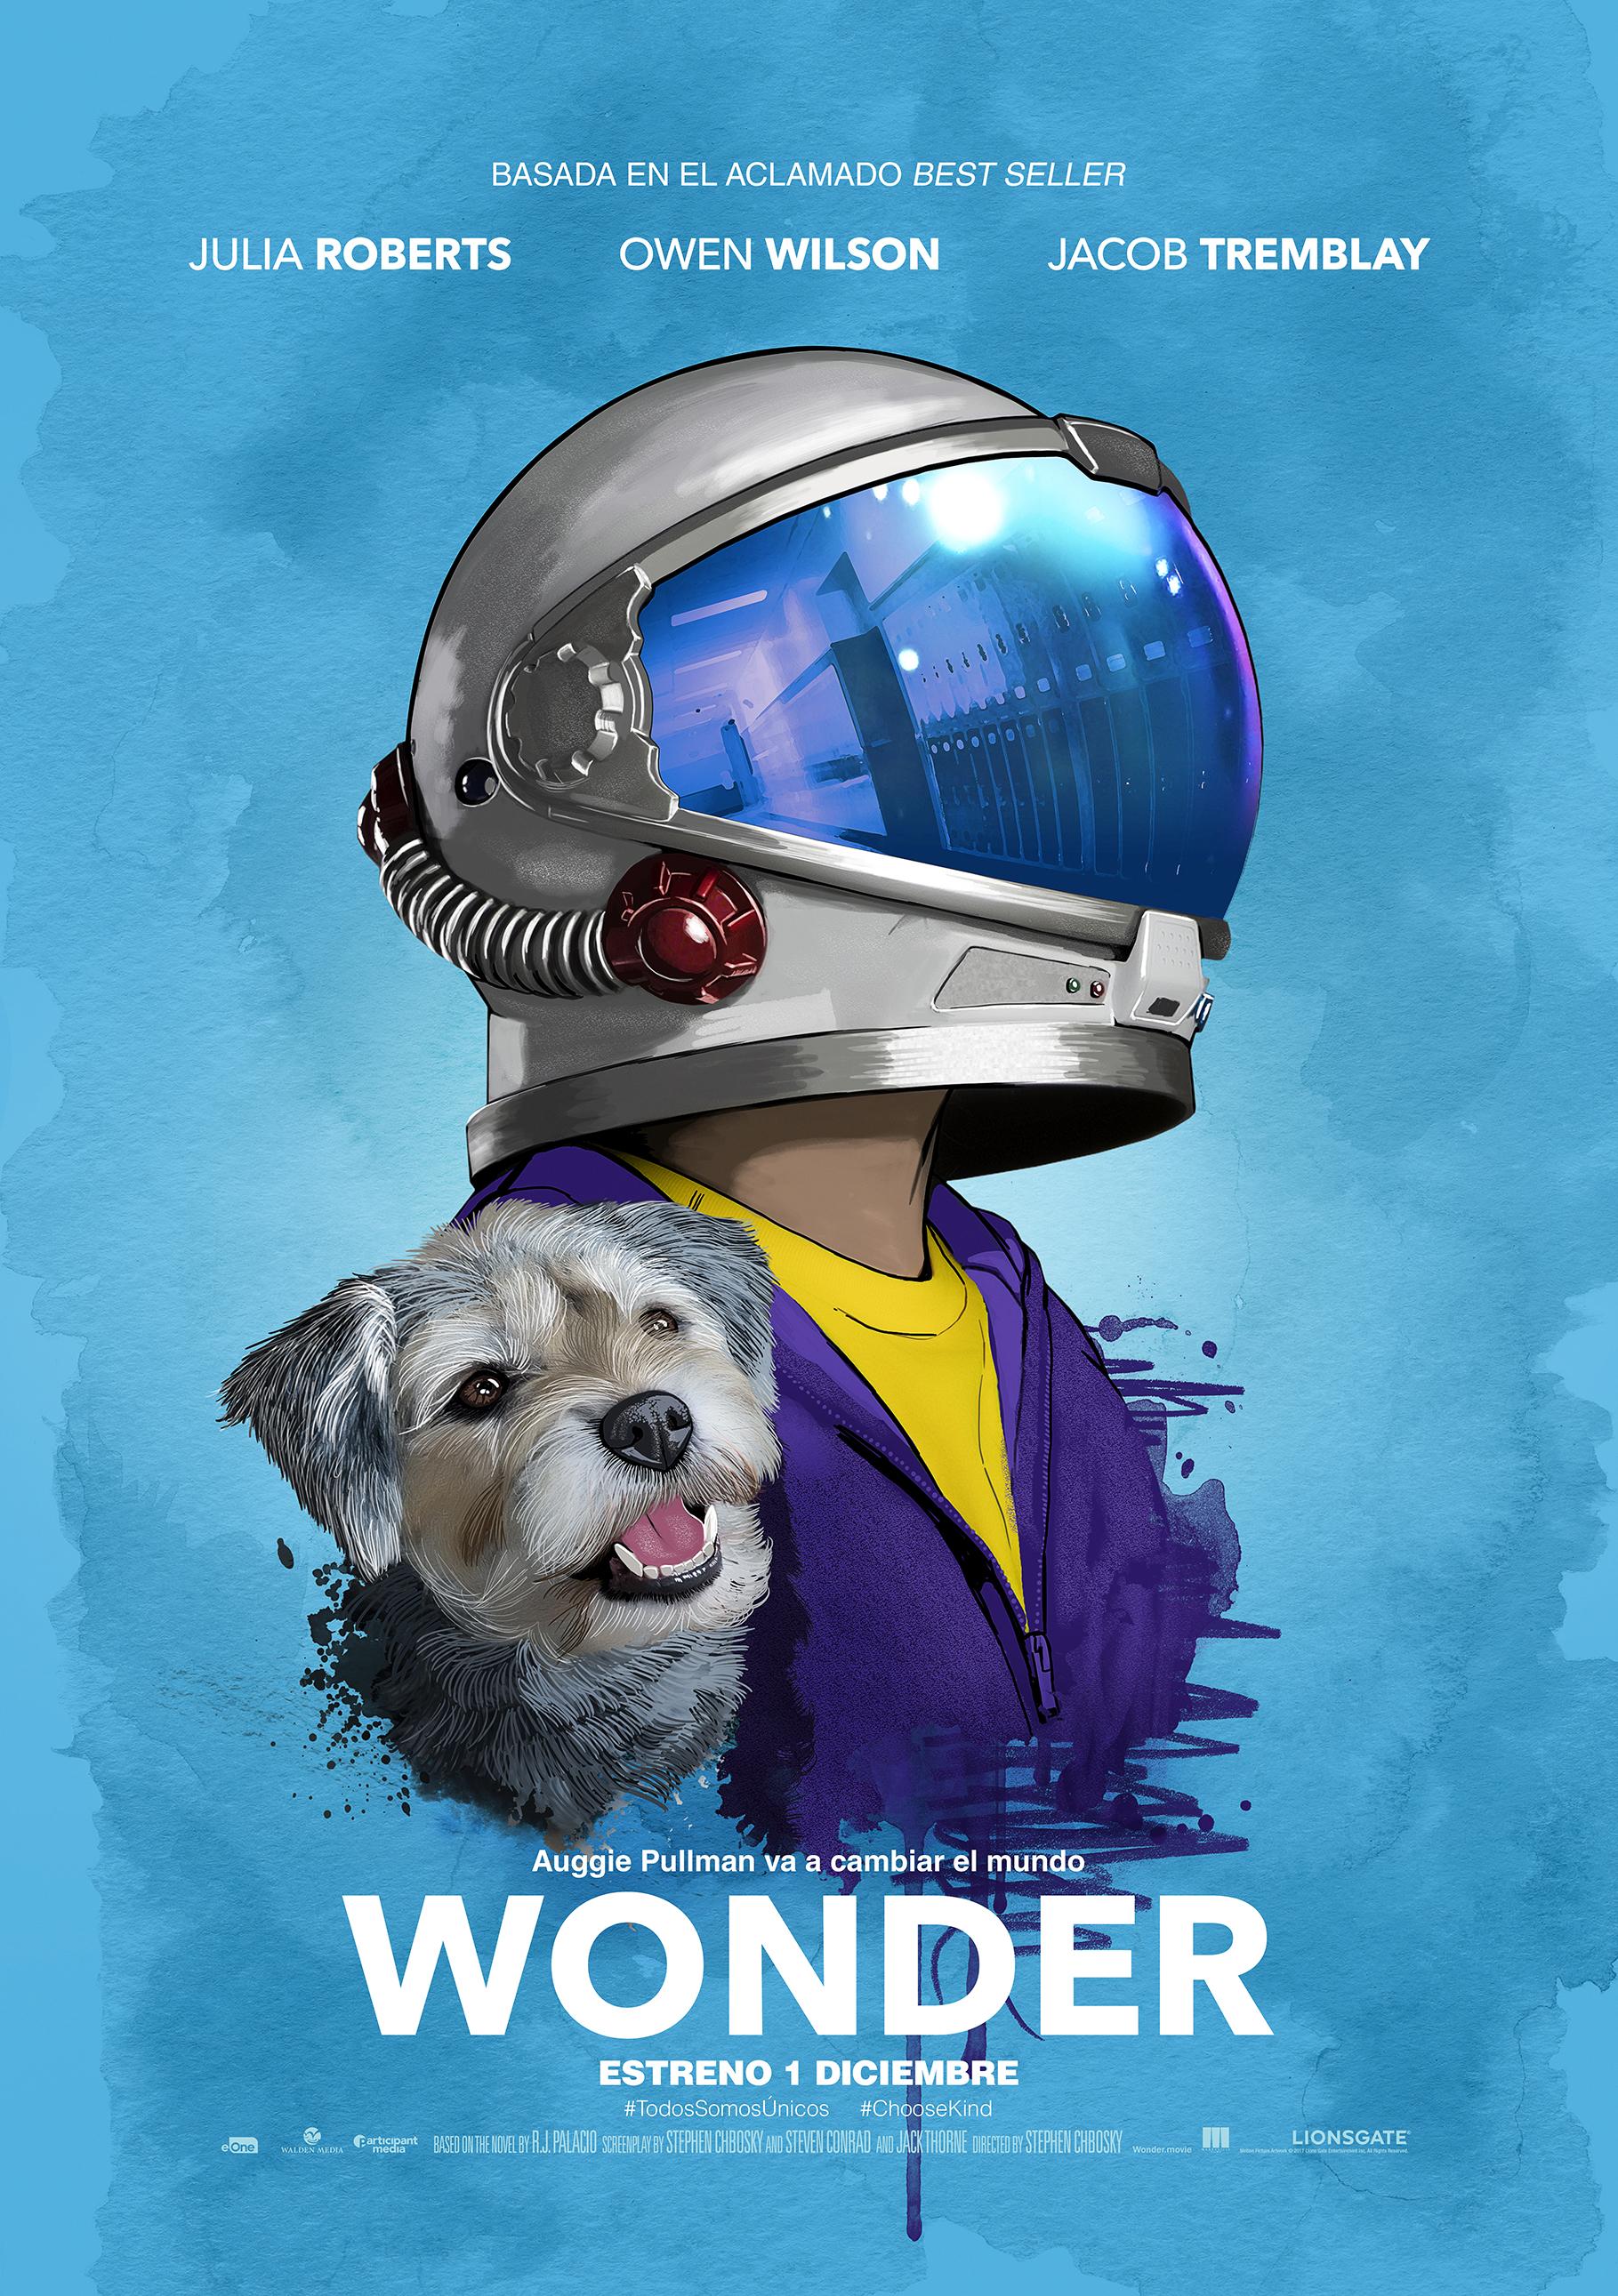 'Wonder': Los dos maravillosos pósters. ¡Enamorados! • En tu pantalla